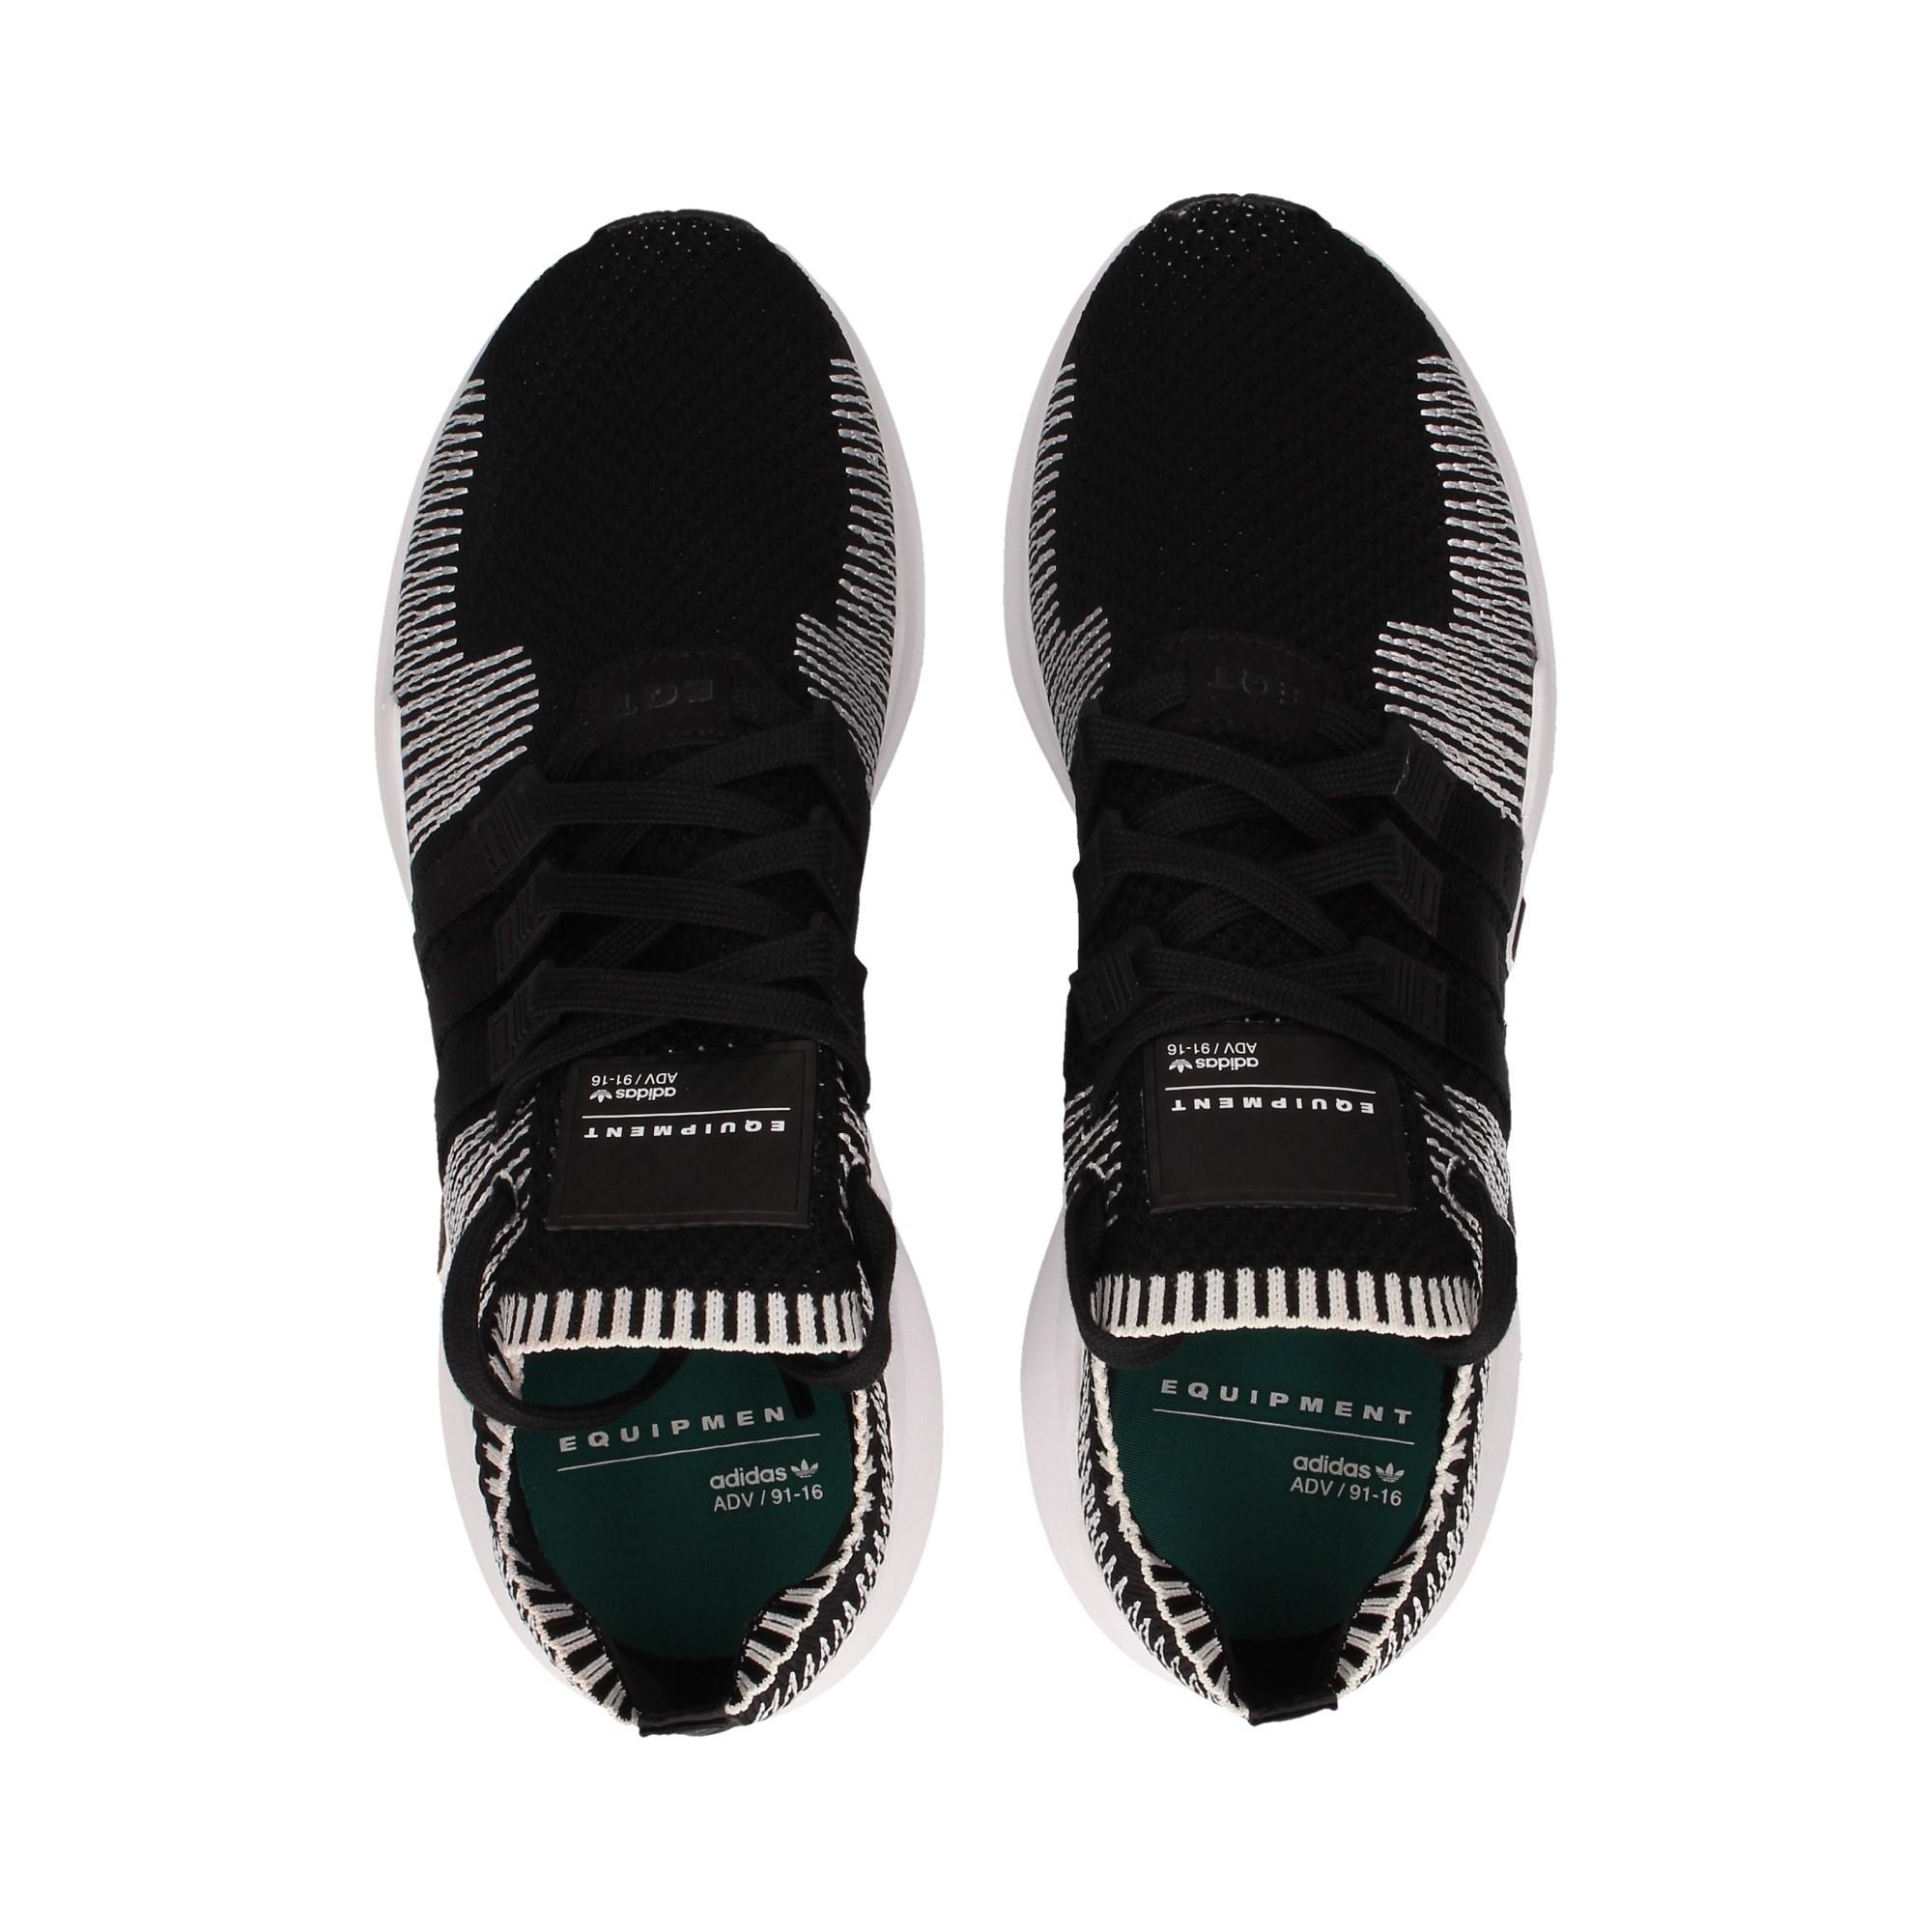 new product 61ddc 1d1bf deportivo-cordones-elastico-negro ...